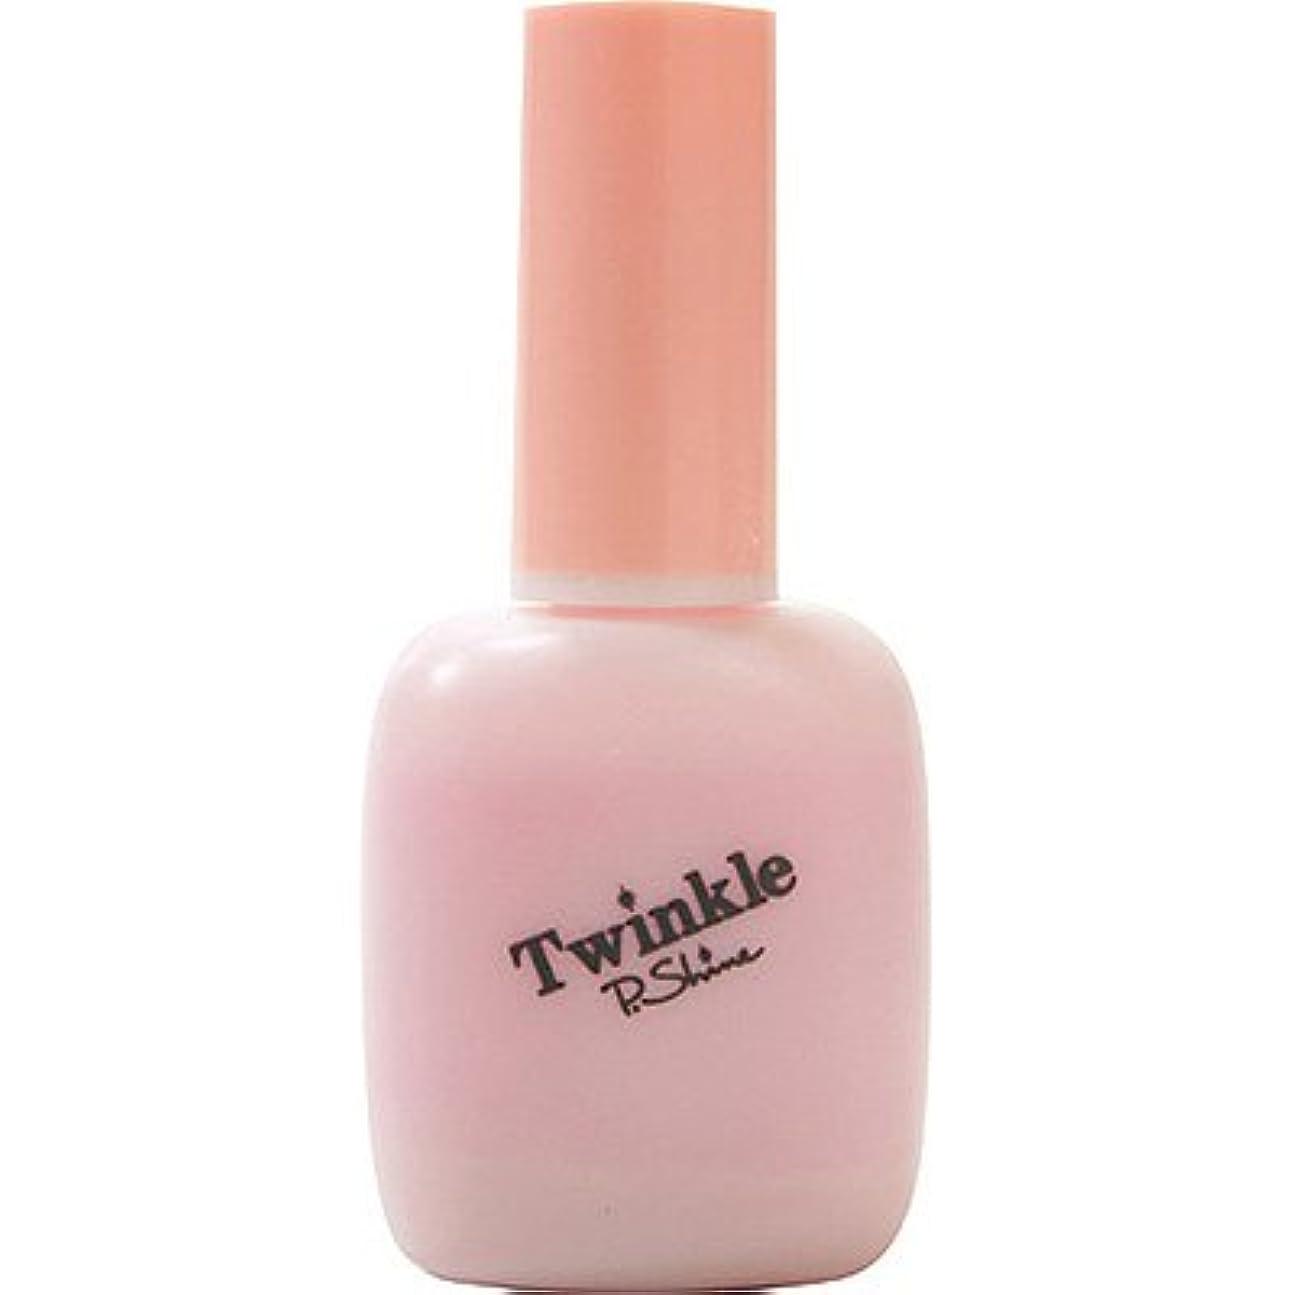 追うトランクライブラリアルカイックP. Shine トゥインクル(ネイル磨き) 31ml 液状の爪磨き